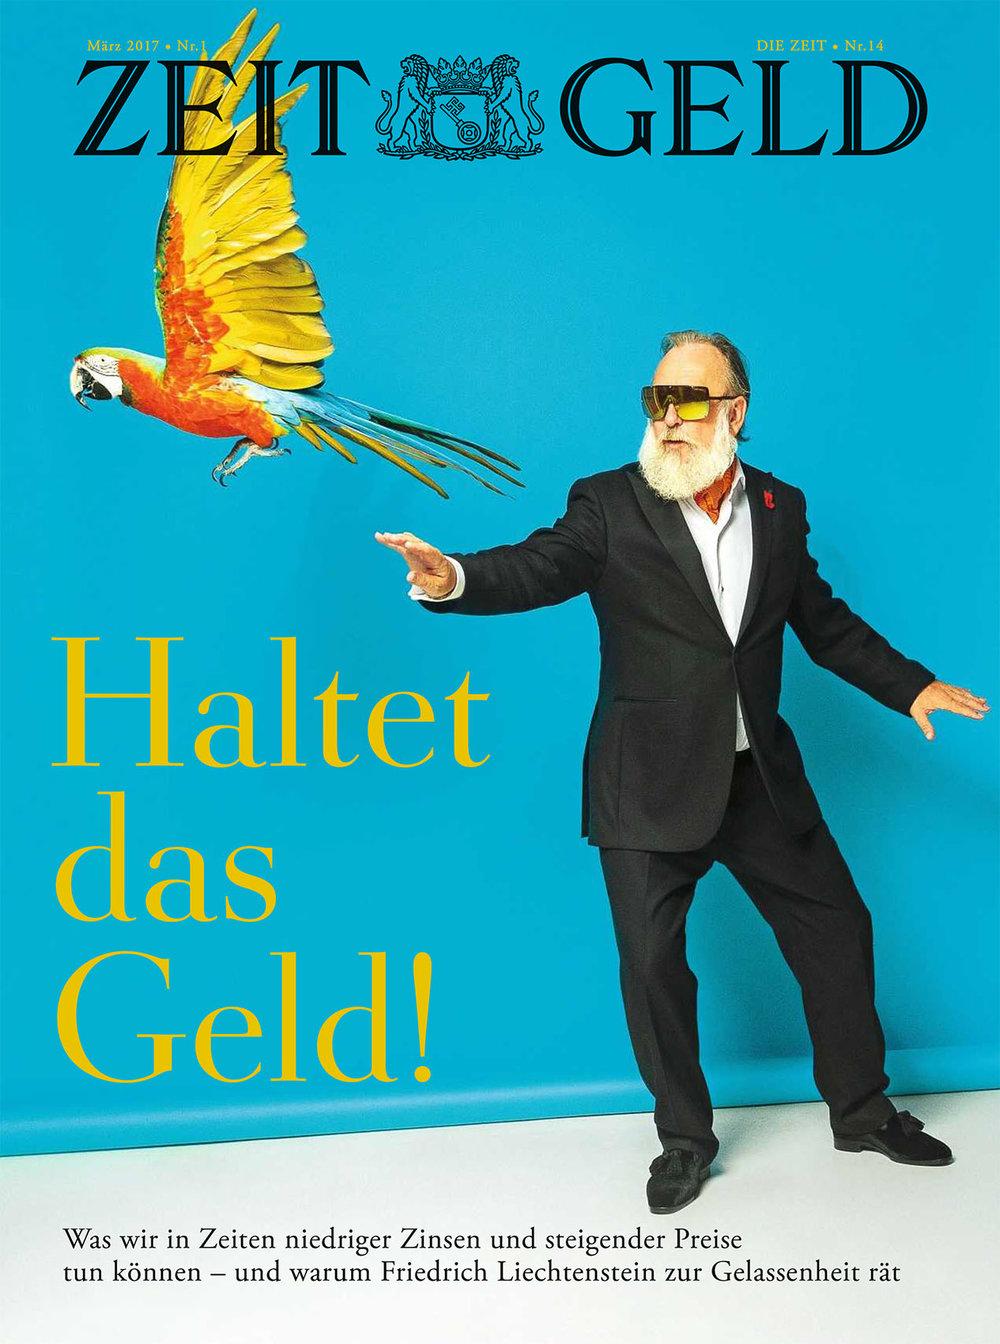 Friedrich Liechtenstein, COVER ZEIT GELD